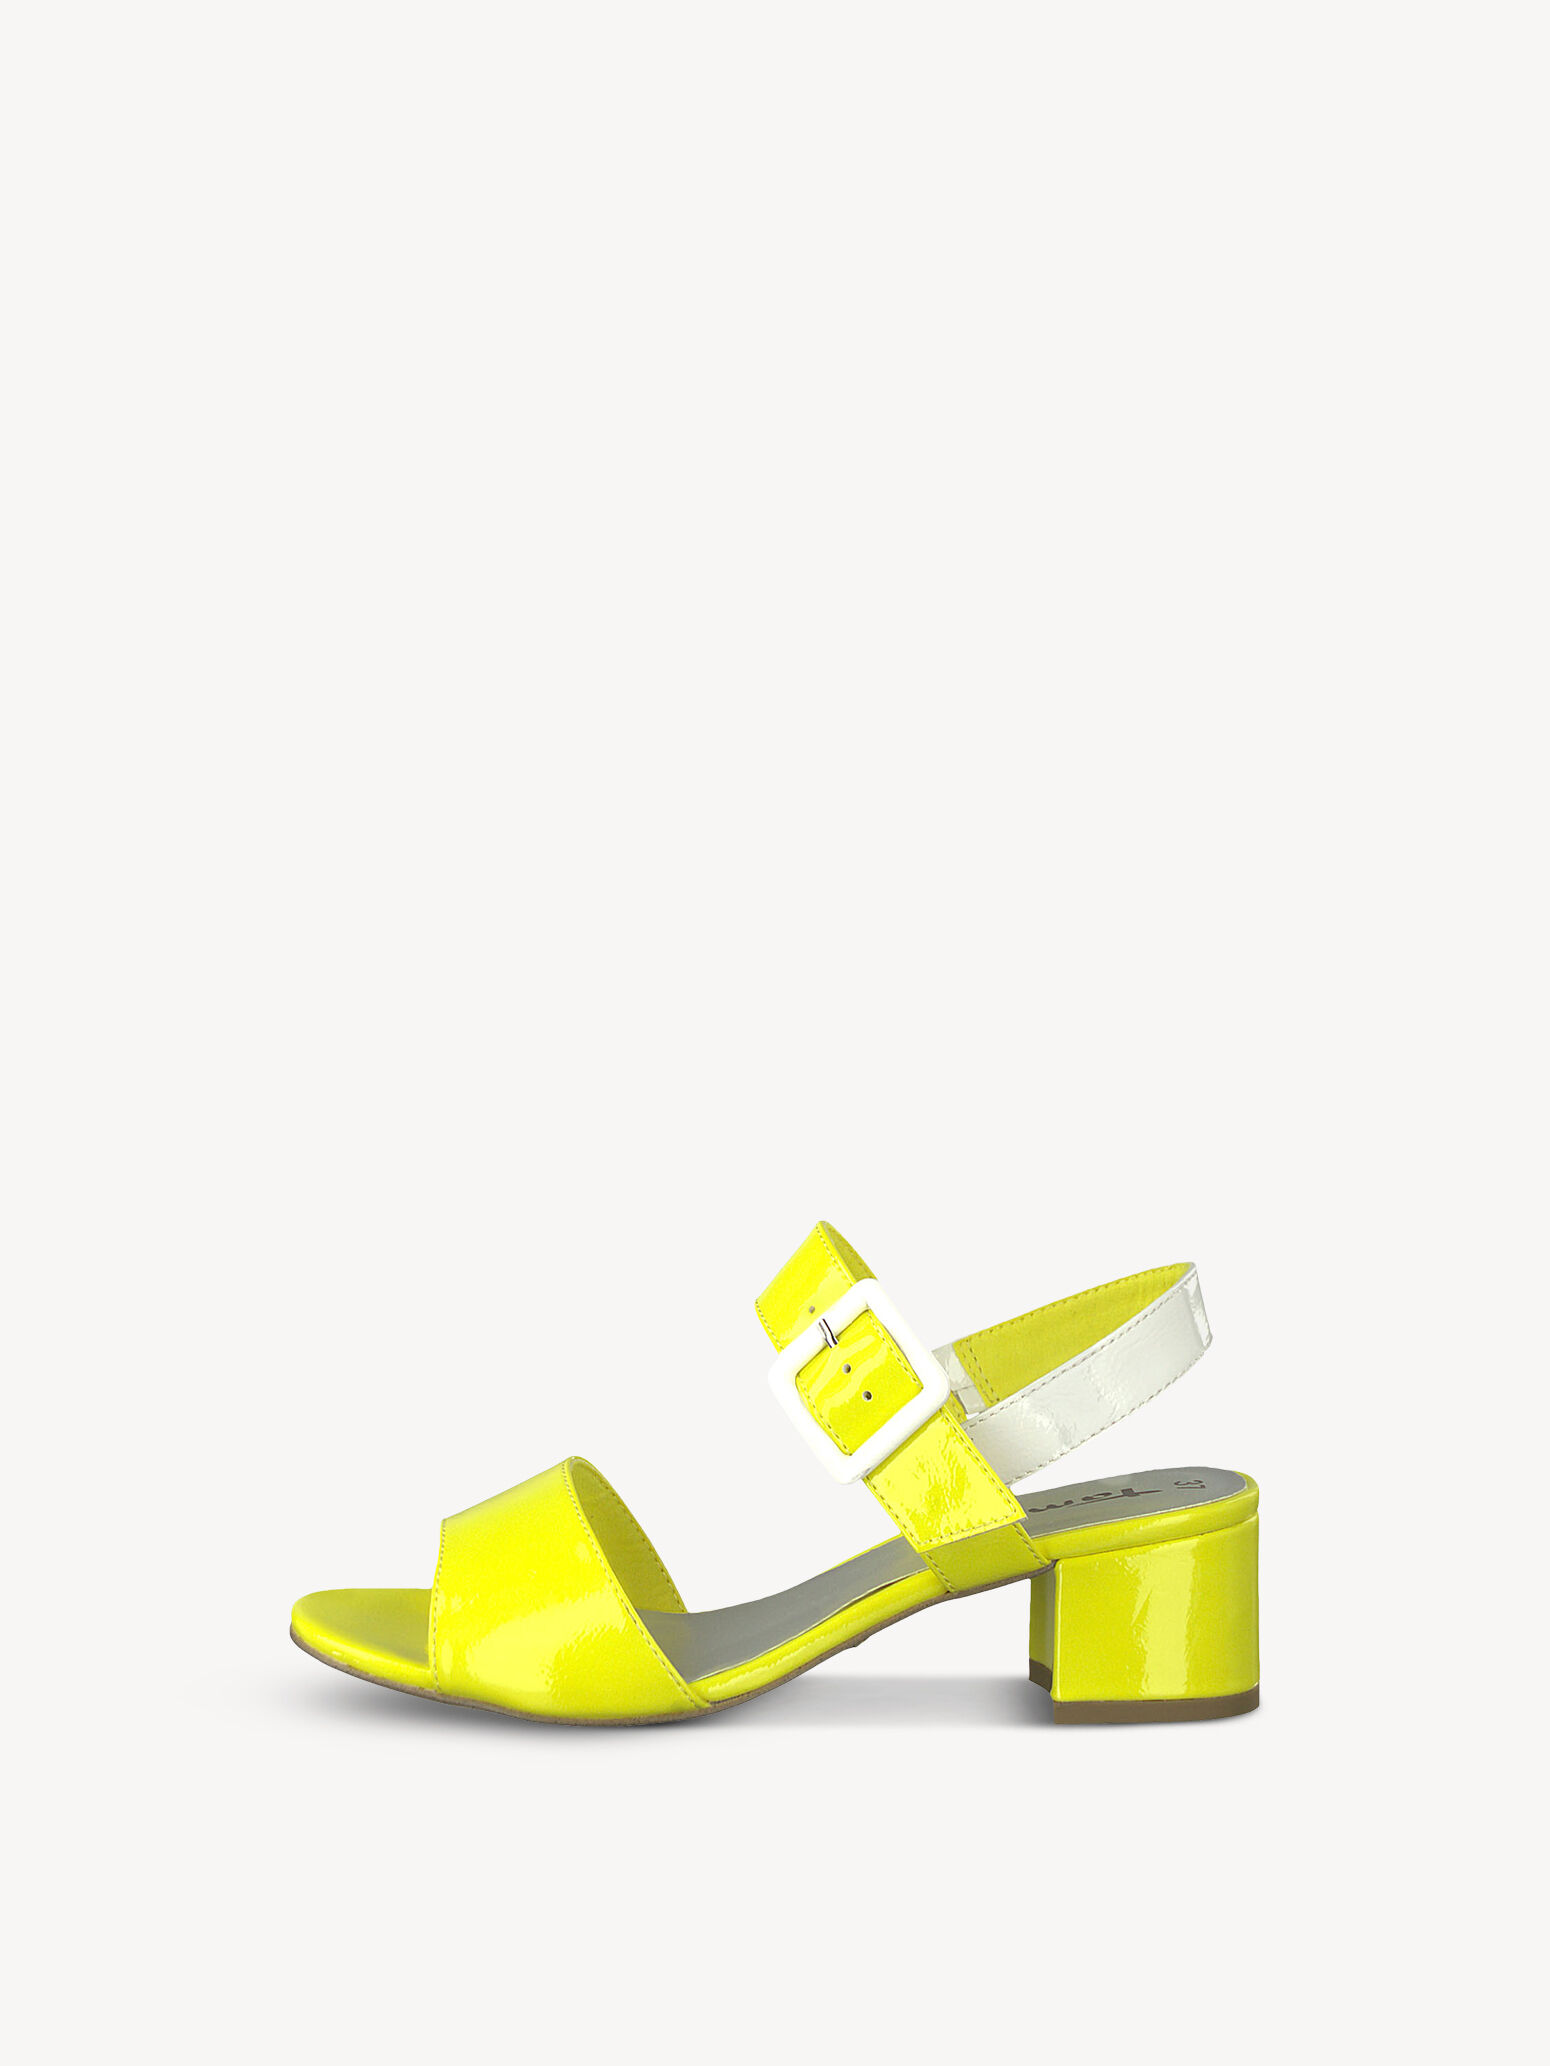 Sandaletten Kaufen Damen Tamaris In Für Online Damenschuhe Gelb WH9I2YeEDb